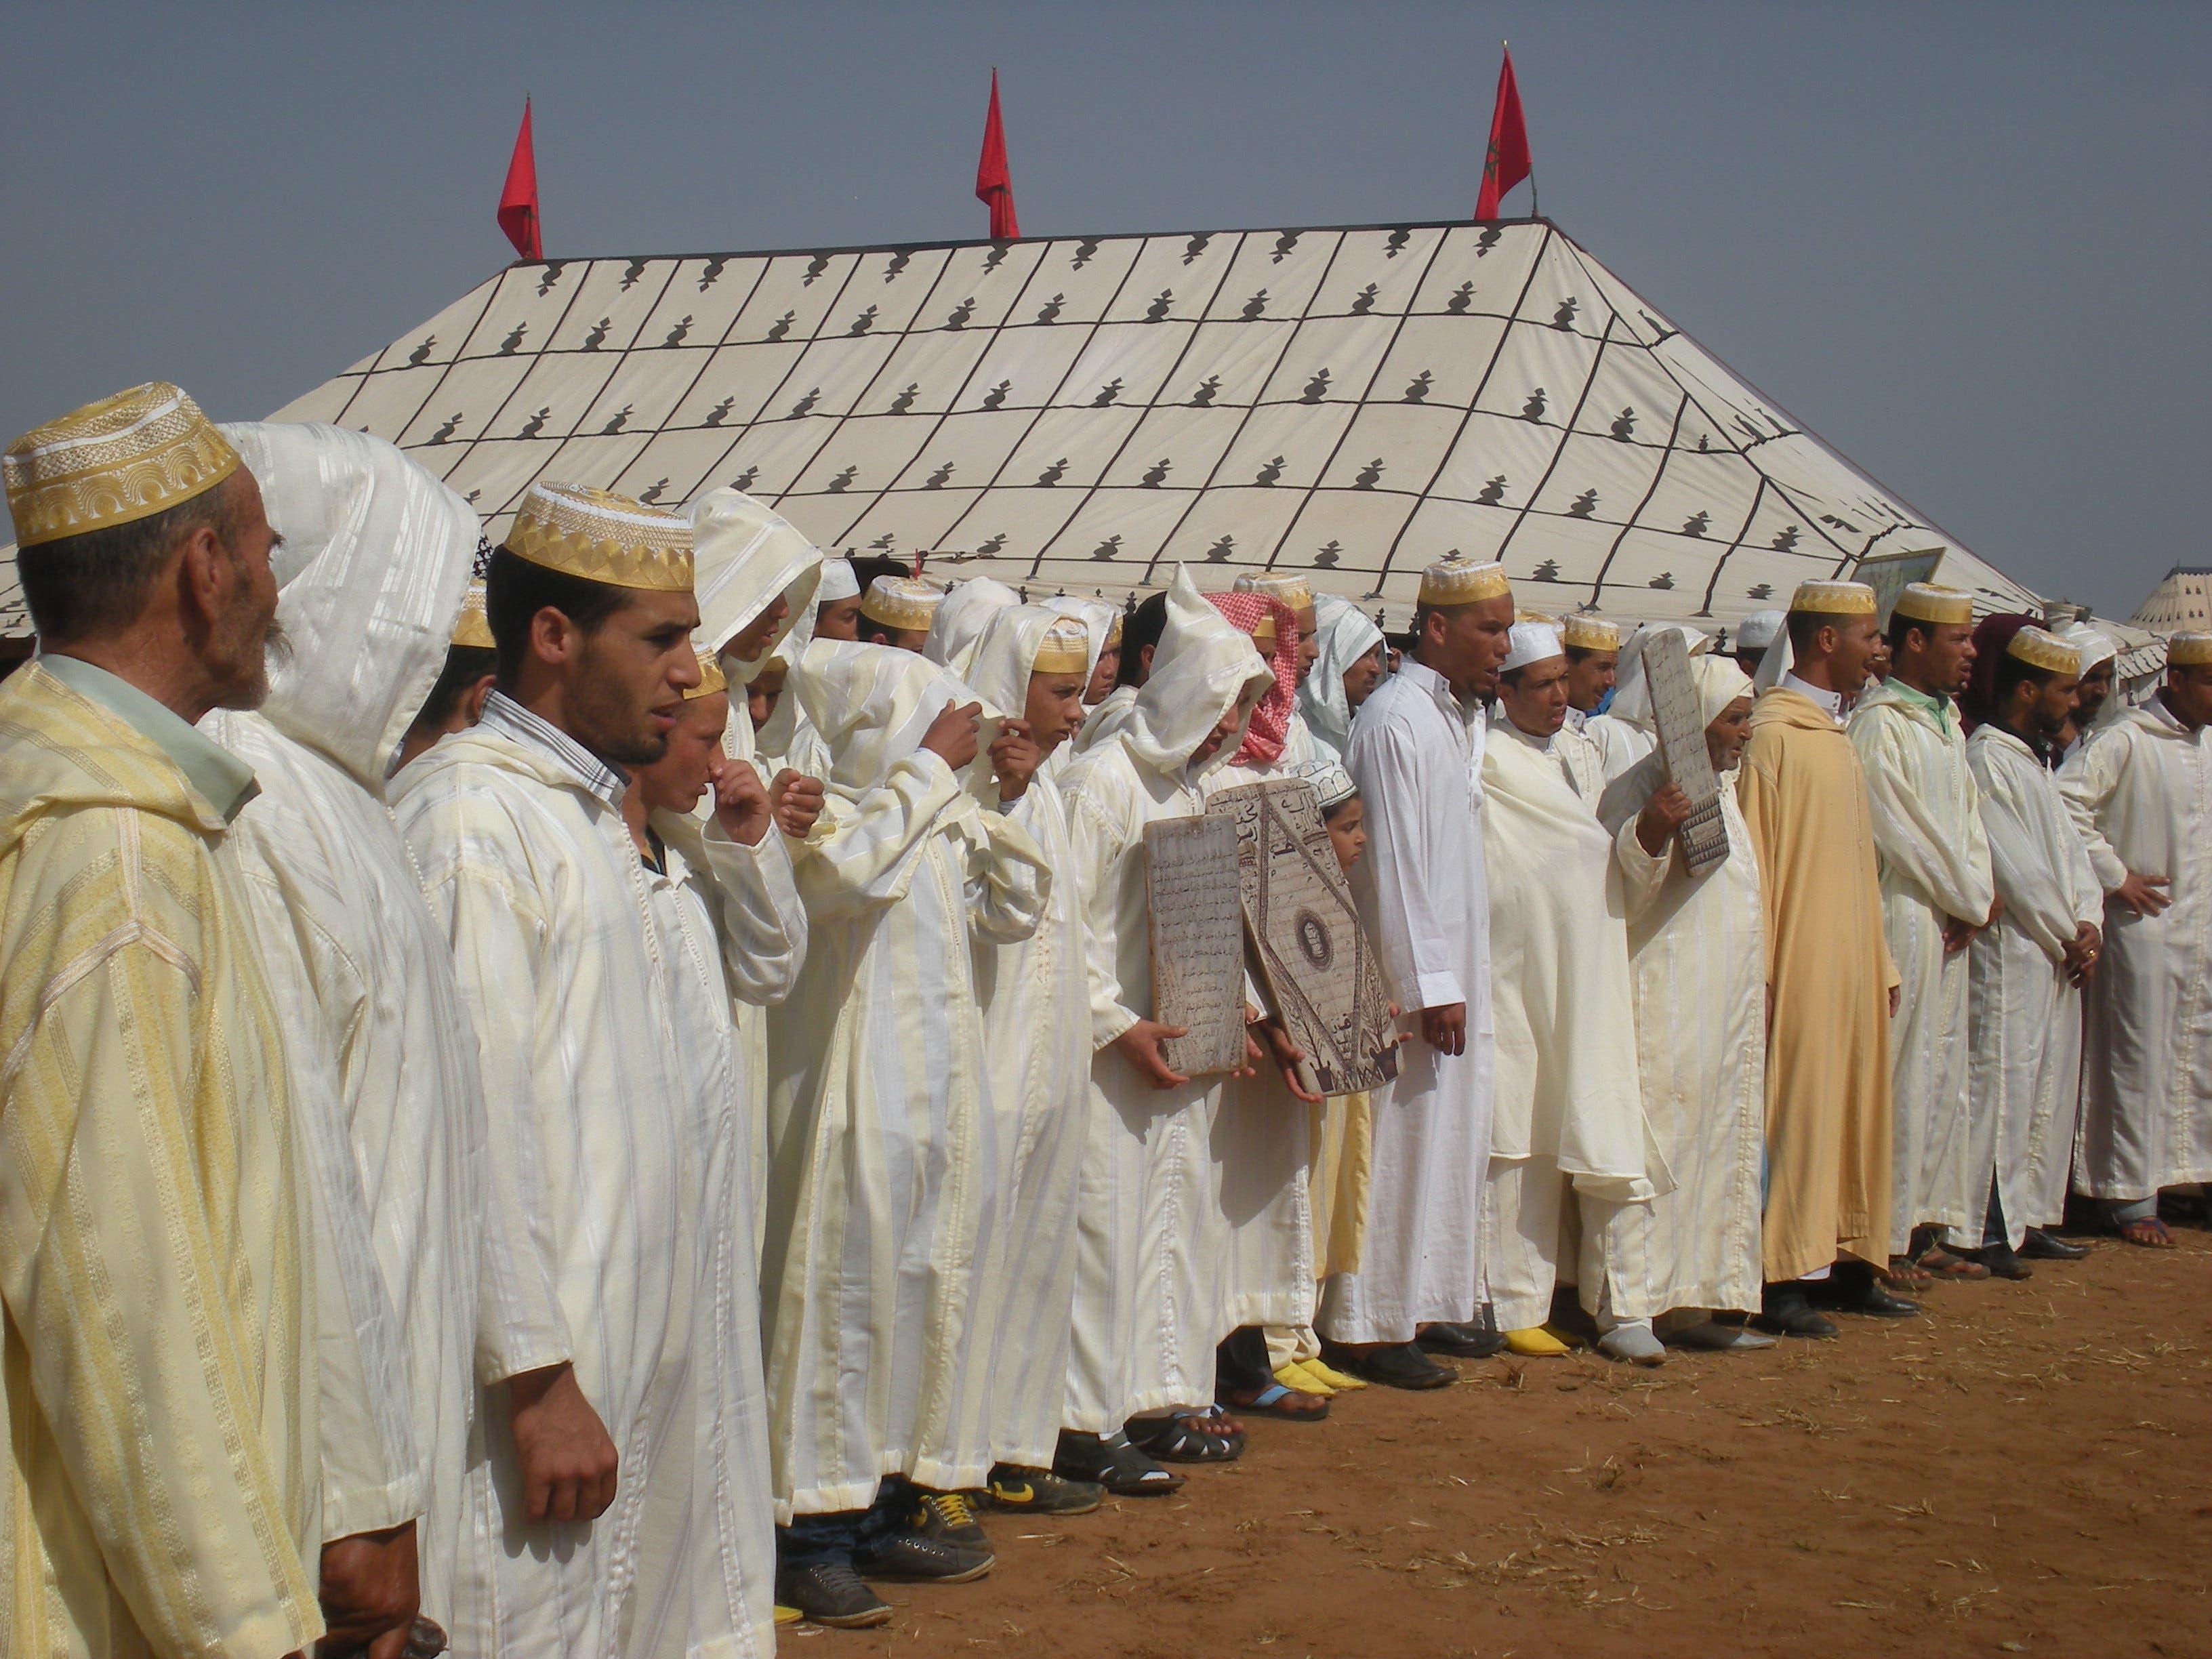 تخريجة الطالب طقس احتفالي مغربي في طريق الاندثار